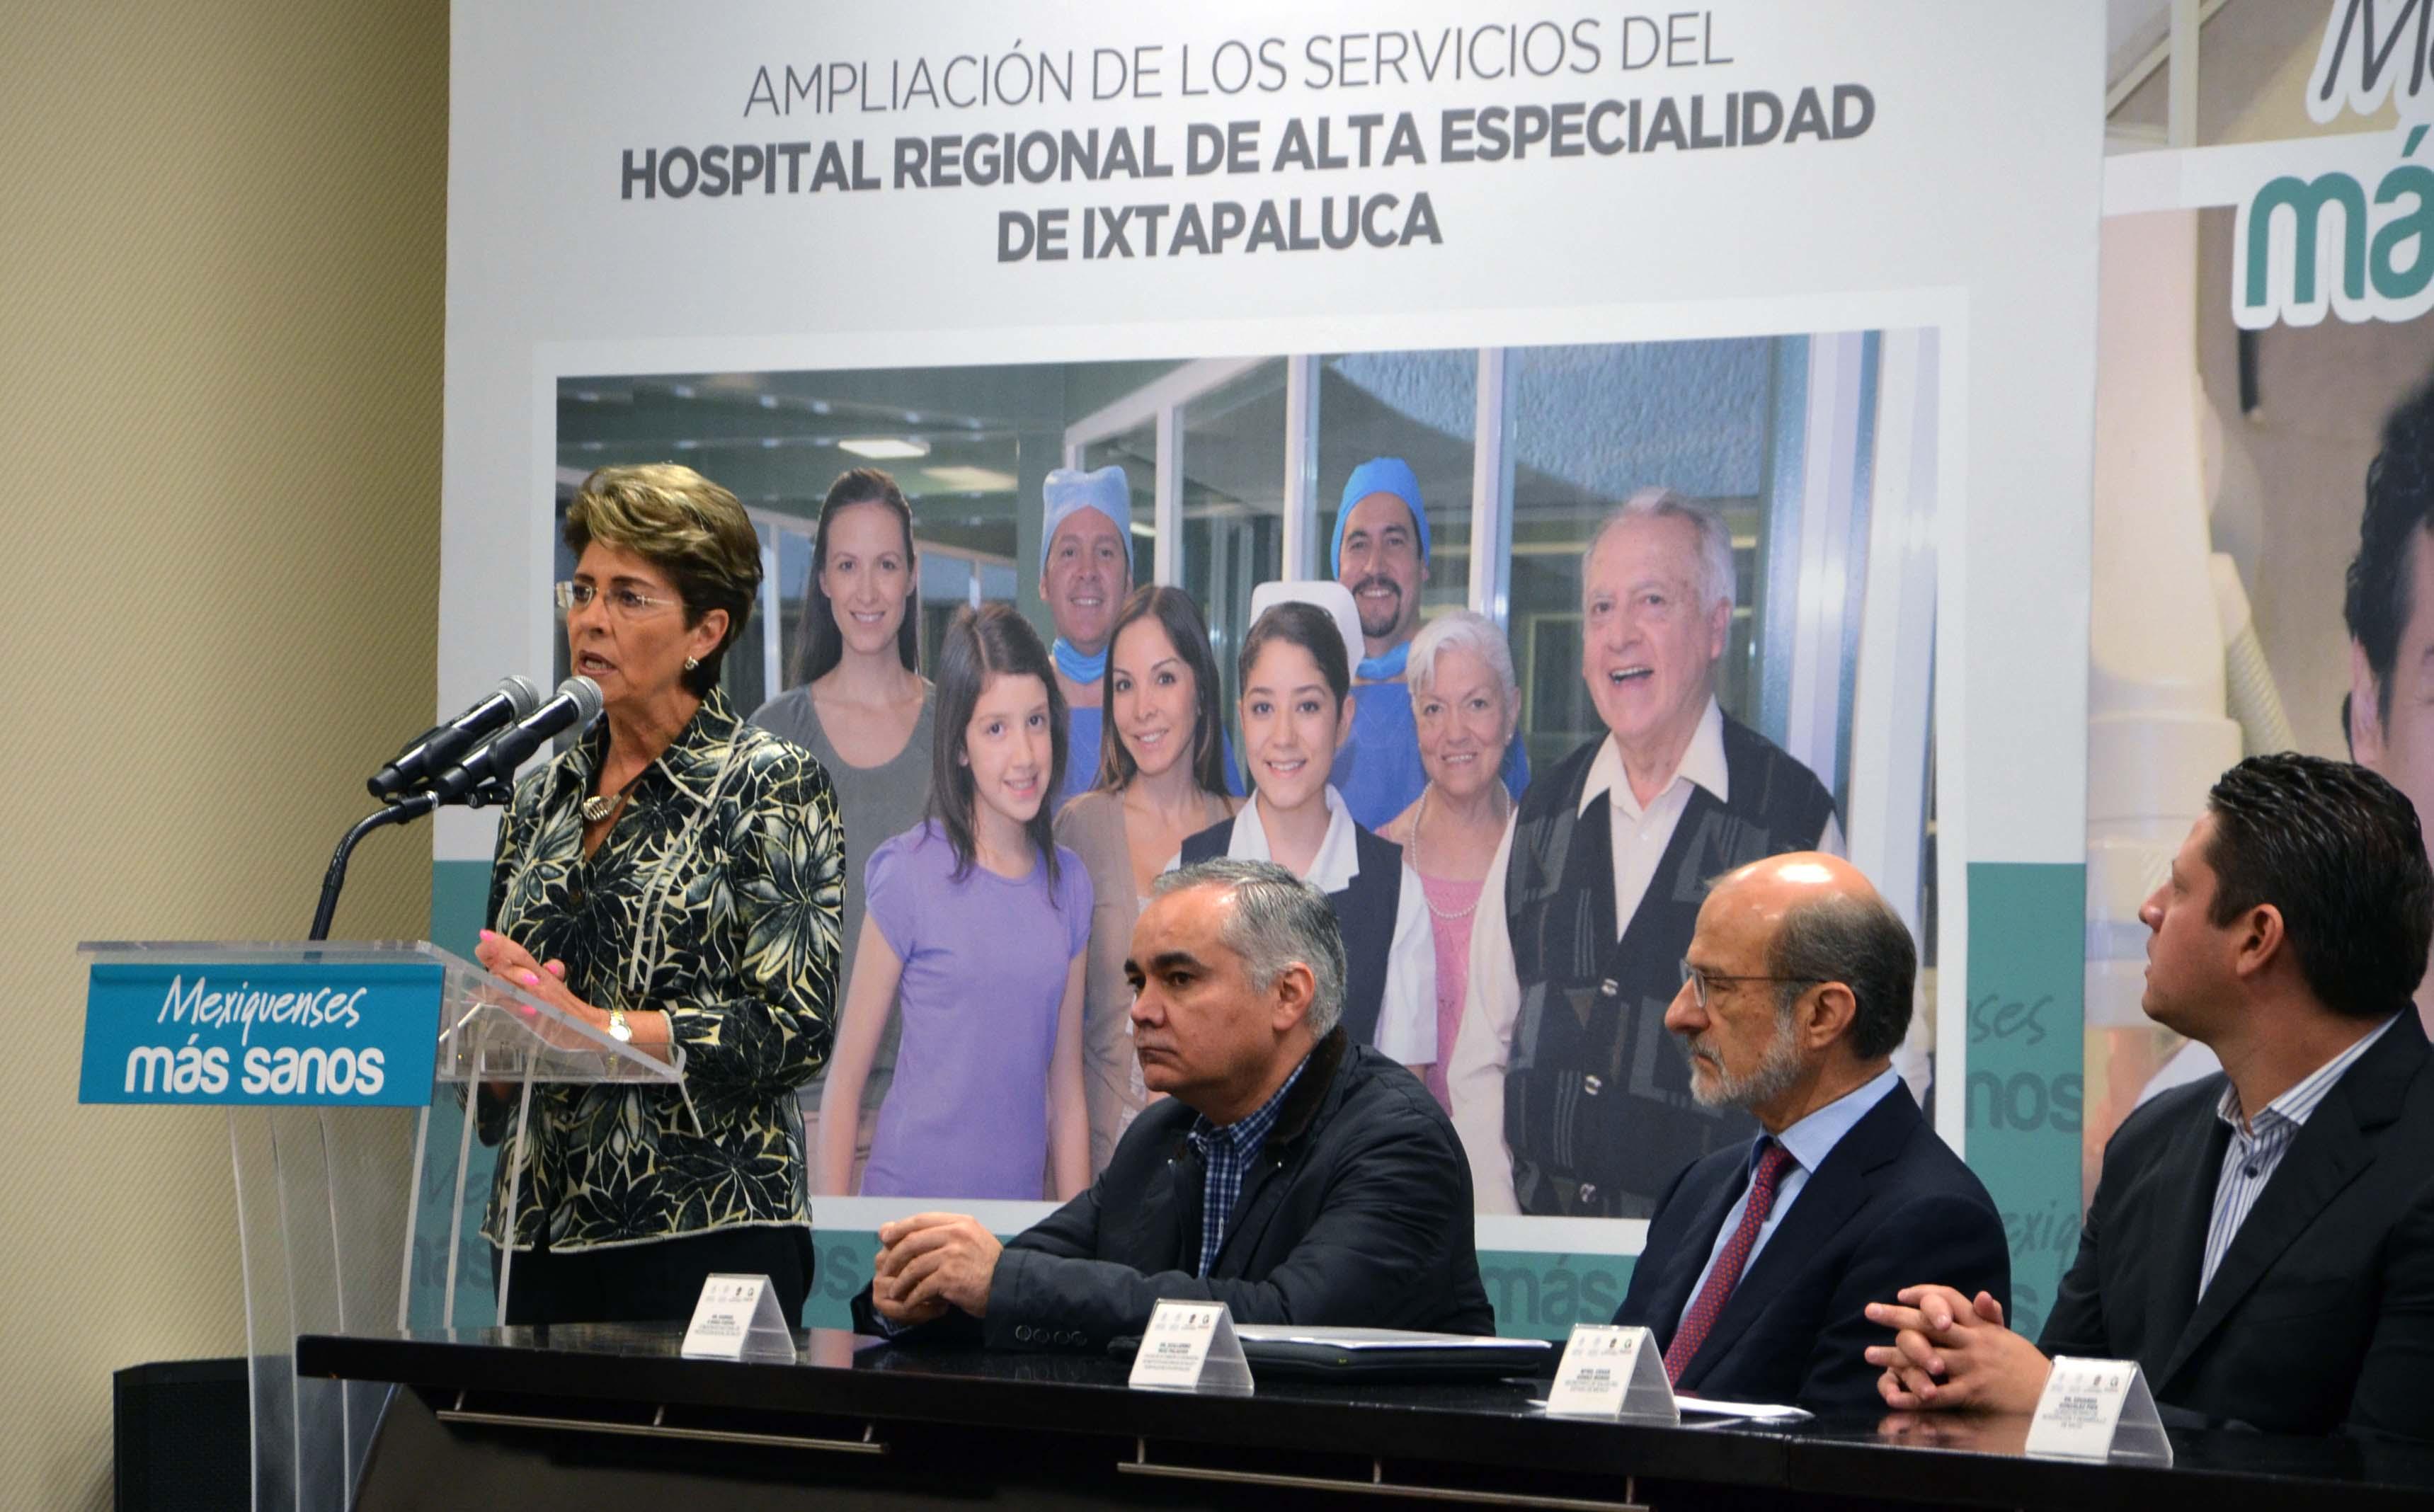 Se amplían servicios del Hospital Regional de alta especialidad de Ixtapaluca (HRAEI)